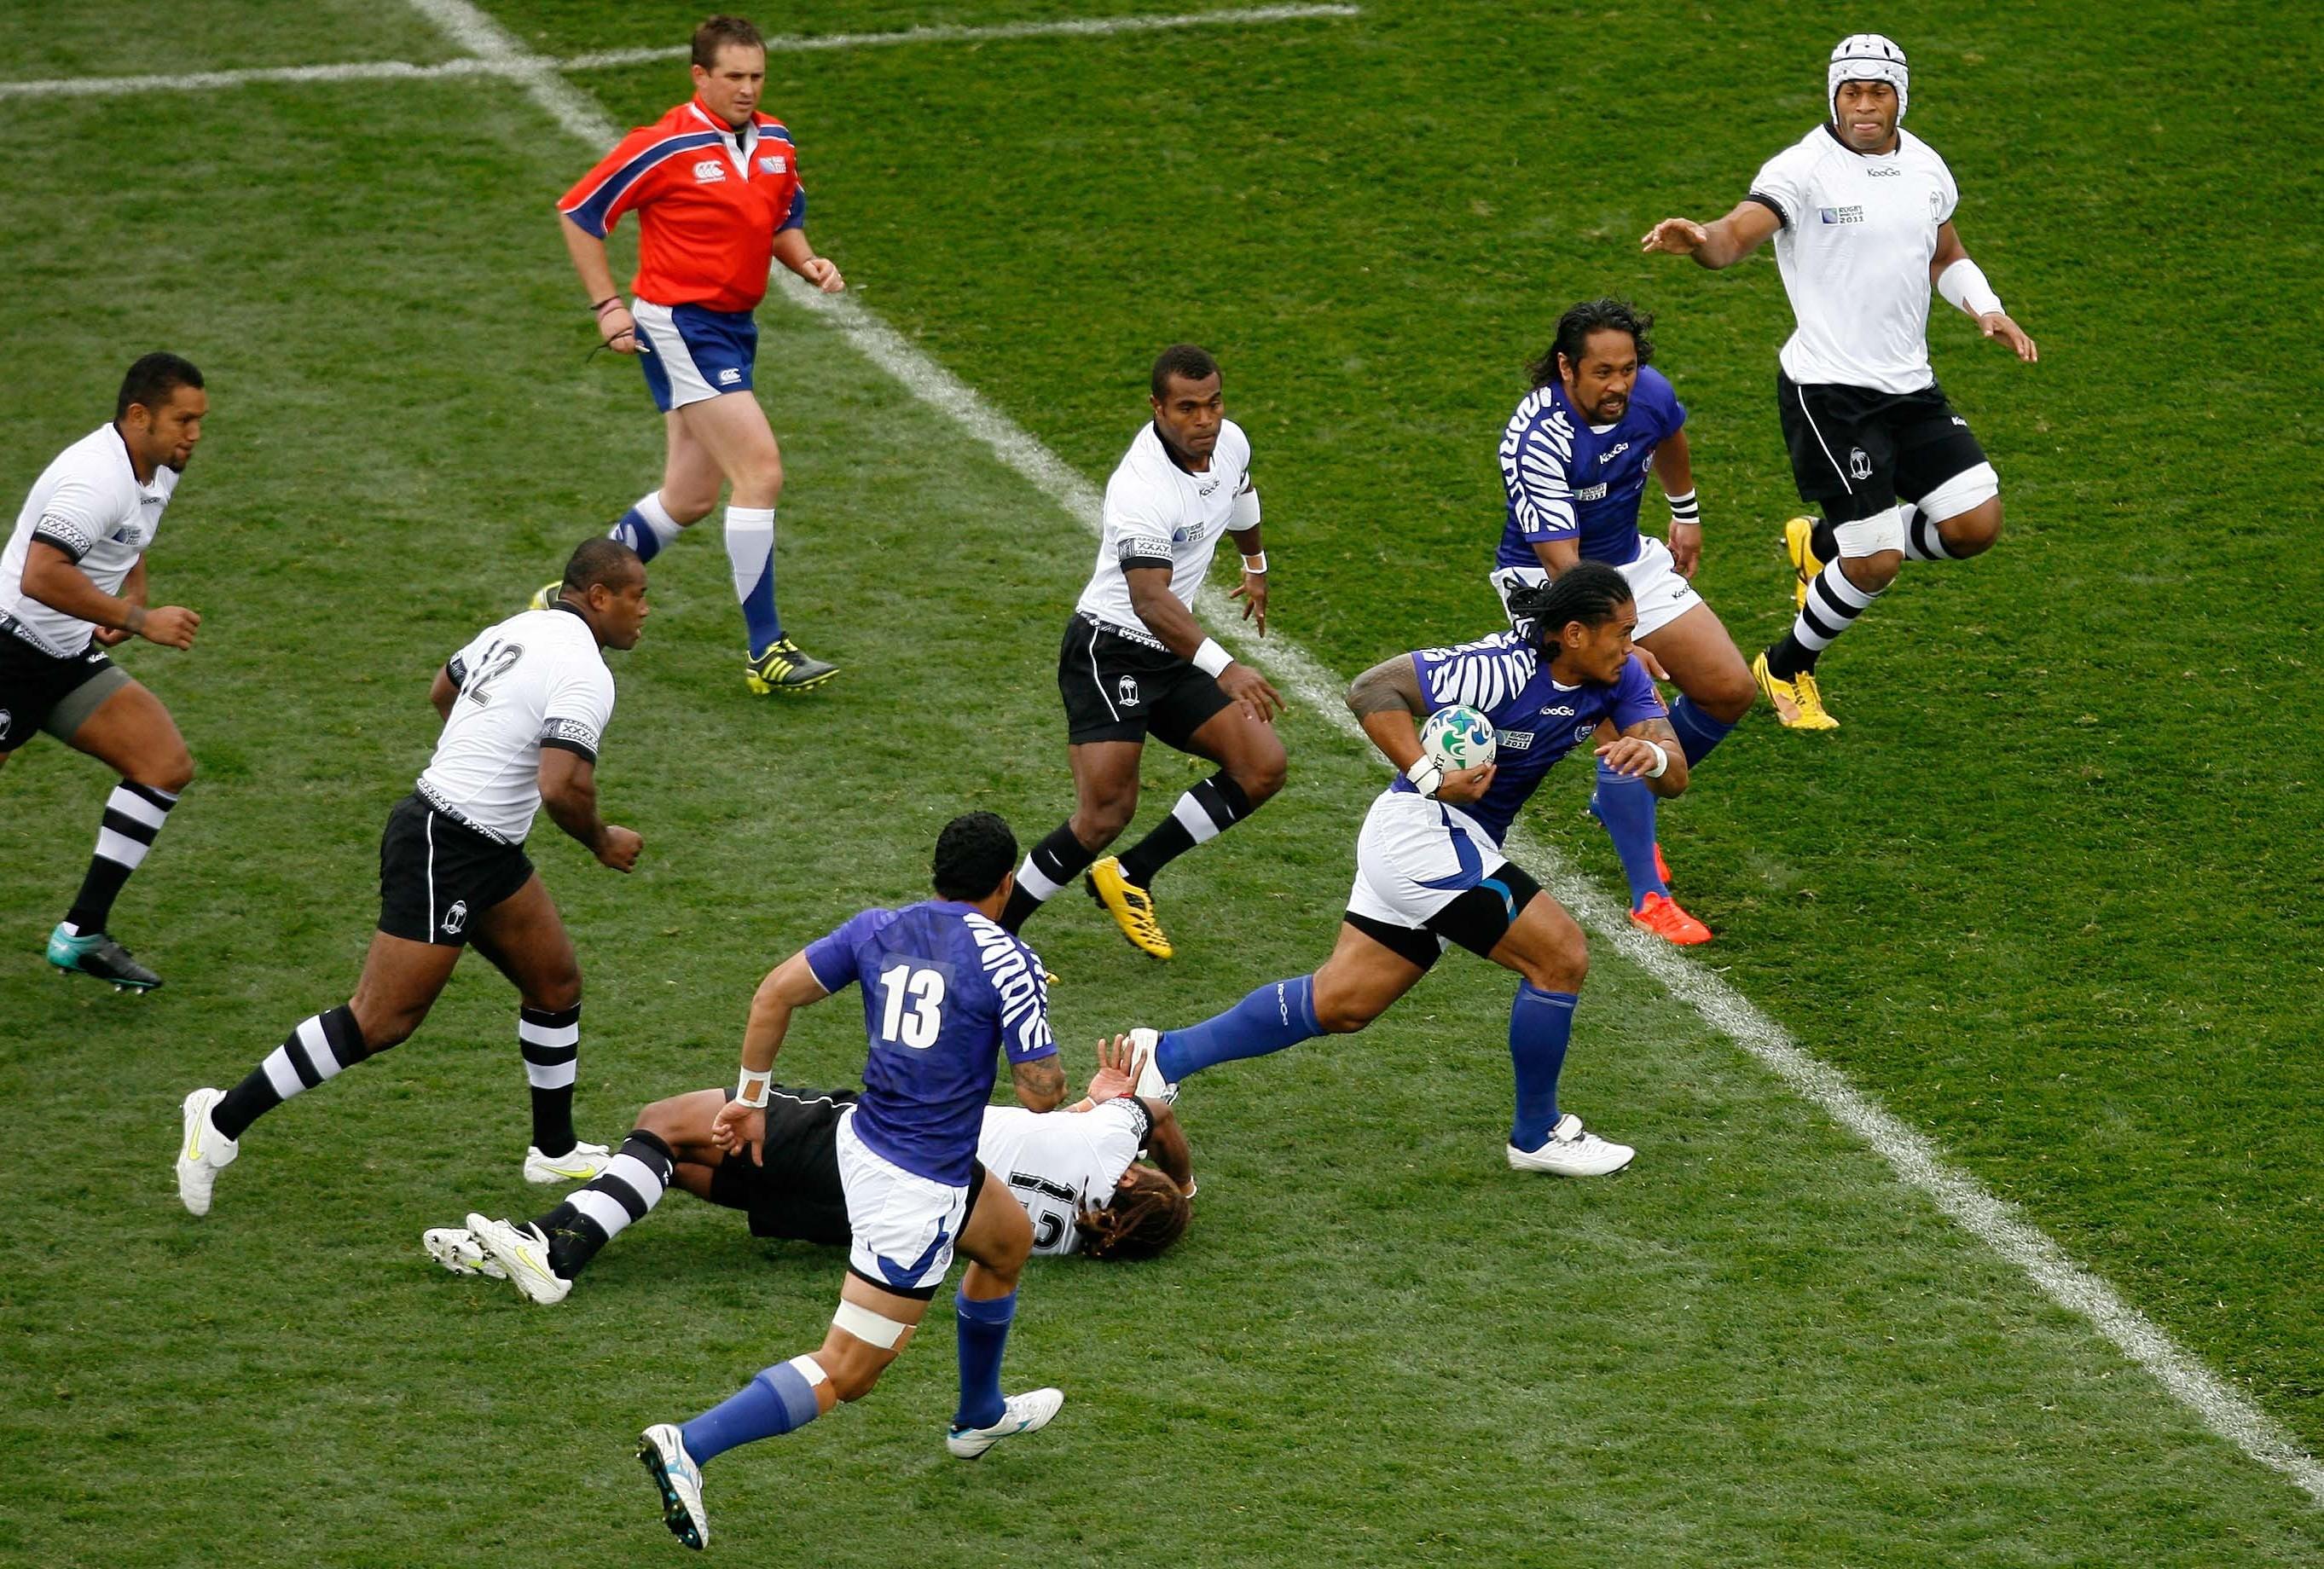 Le samoa fournisseur officiel de talents coupe du monde 2011 rugby - Resultats rugby coupe du monde ...